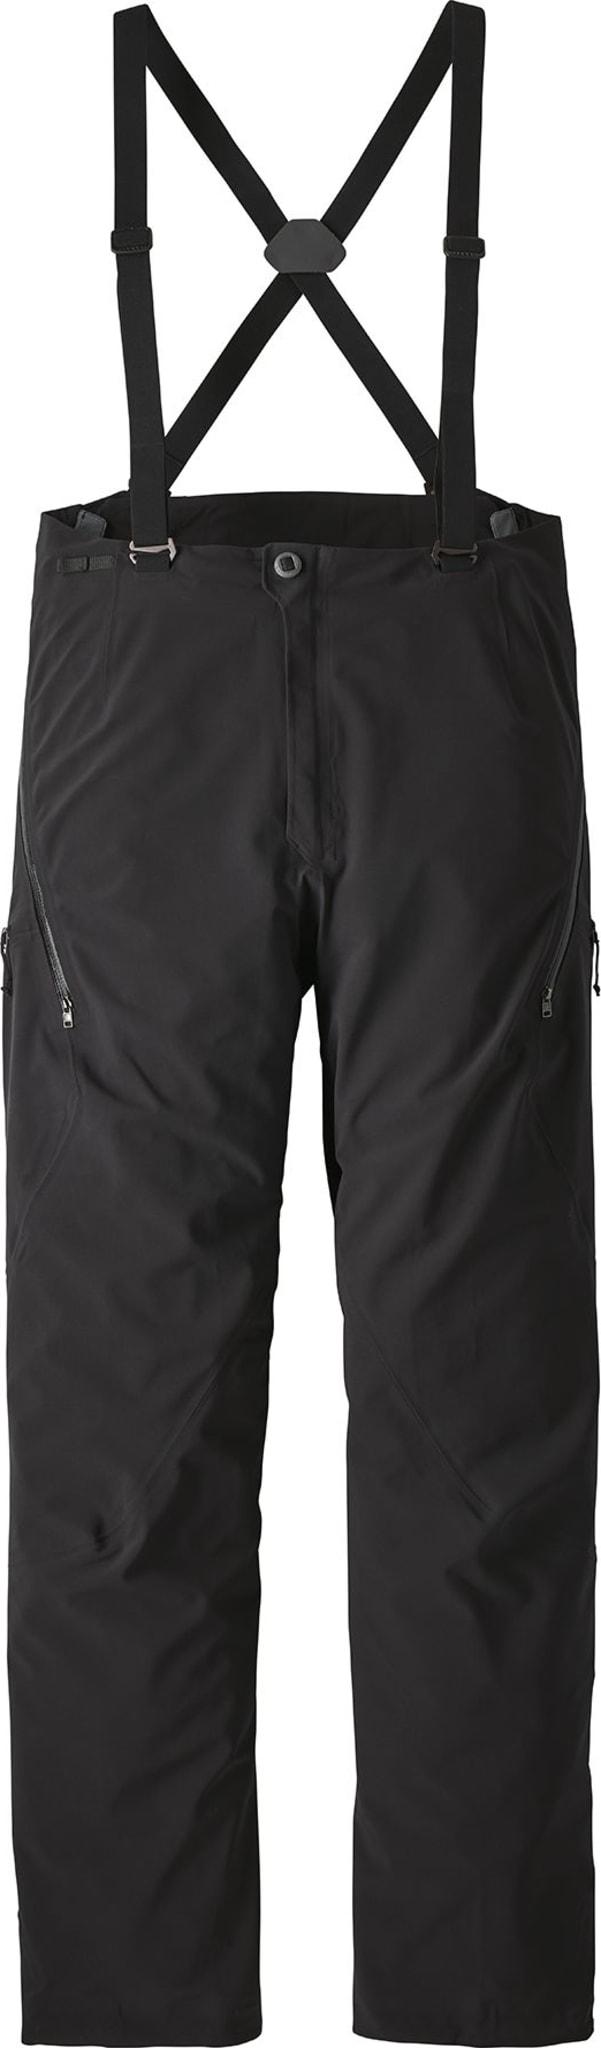 Alpin bukse med stretch og værbeskyttelse